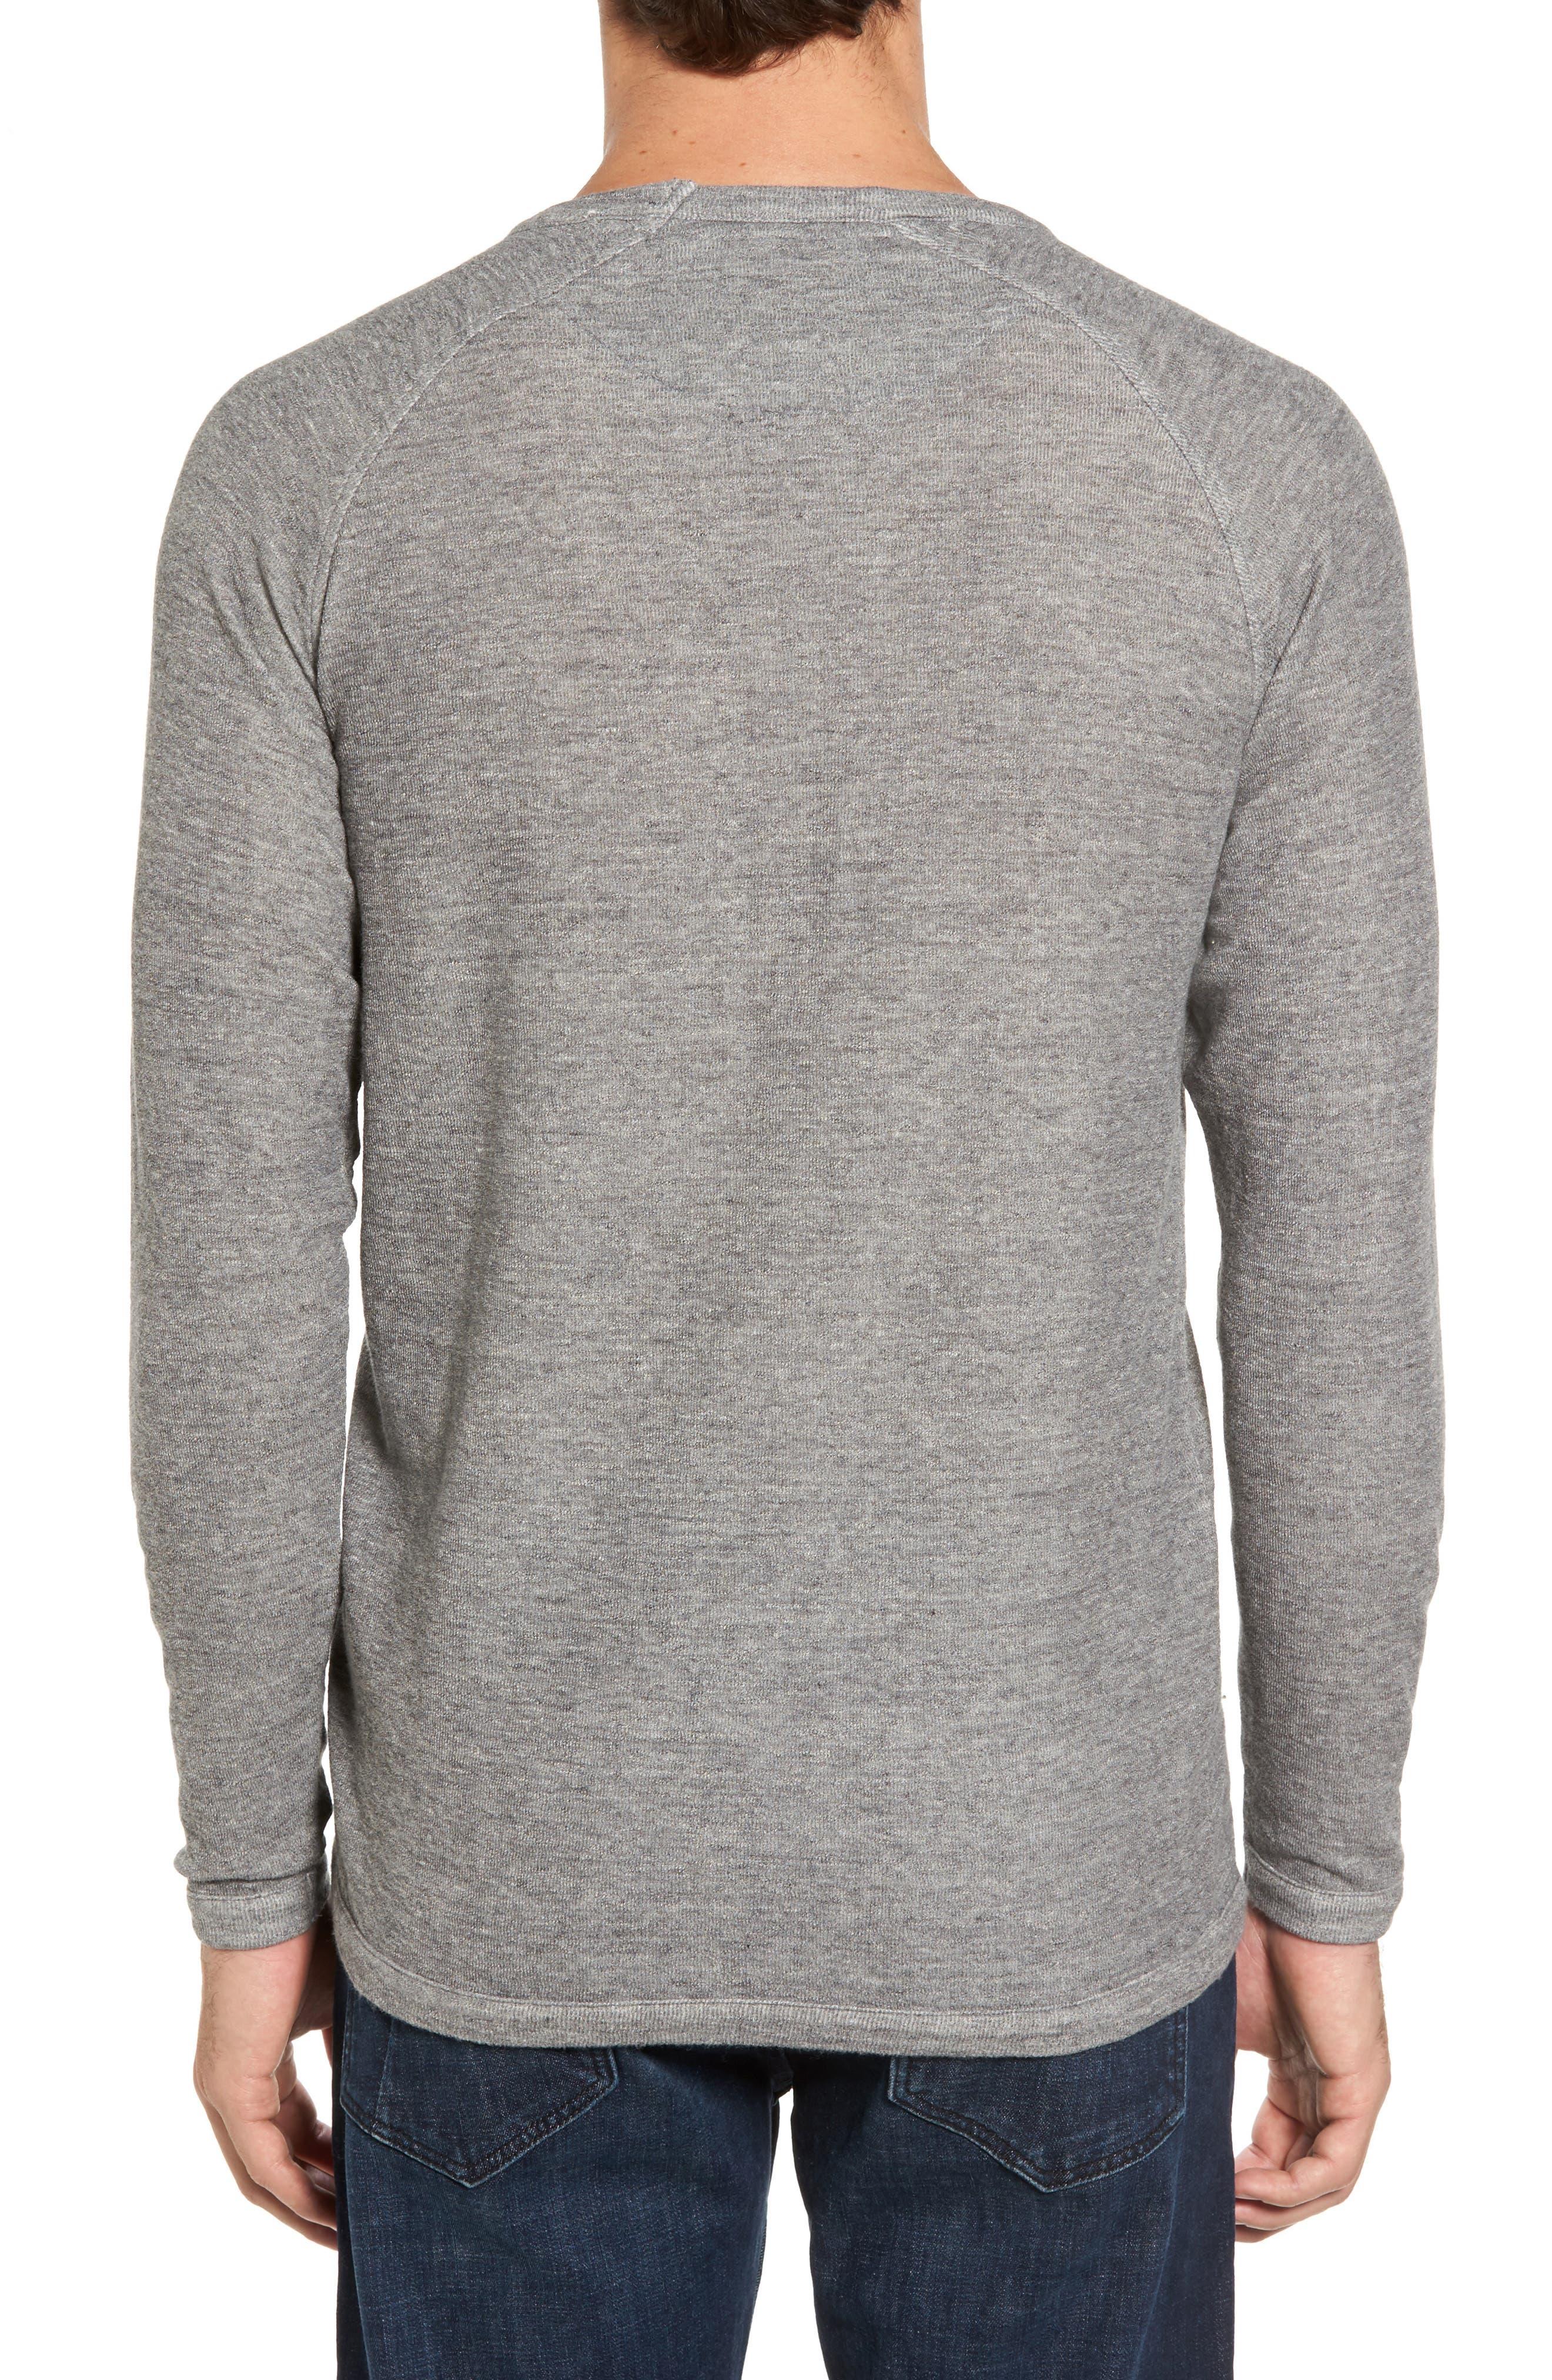 Jensen Double Cloth Crewneck Shirt,                             Alternate thumbnail 2, color,                             031